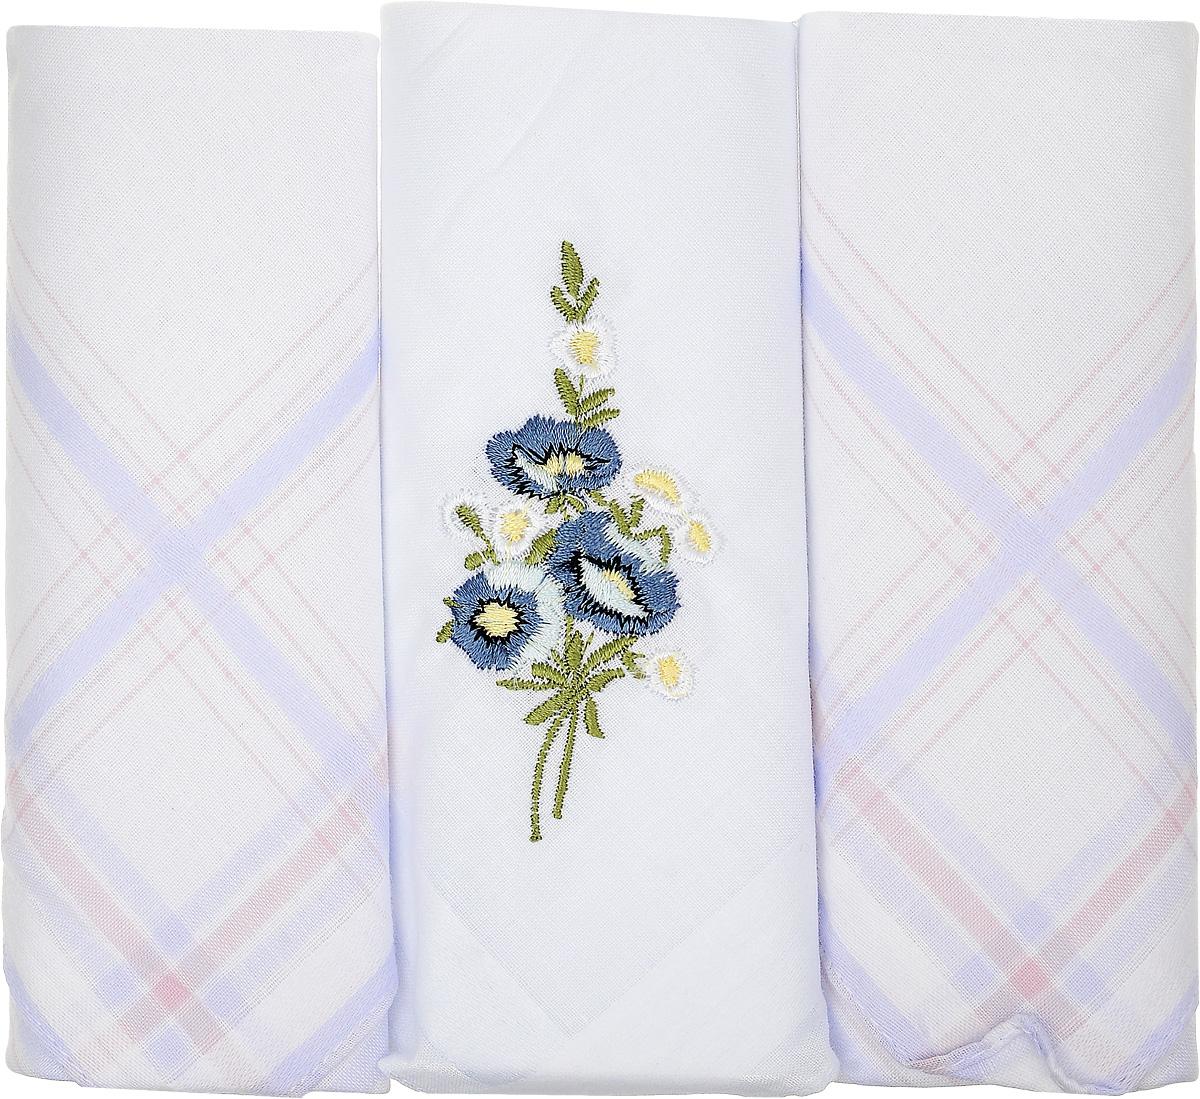 Платок носовой женский Zlata Korunka, цвет: белый, 3 шт. 90329-41. Размер 29 см х 29 см90329-41Небольшой женский носовой платок Zlata Korunka изготовлен из высококачественного натурального хлопка, благодаря чему приятен в использовании, хорошо стирается, не садится и отлично впитывает влагу. Практичный и изящный носовой платок будет незаменим в повседневной жизни любого современного человека. Такой платок послужит стильным аксессуаром и подчеркнет ваше превосходное чувство вкуса. В комплекте 3 платка.